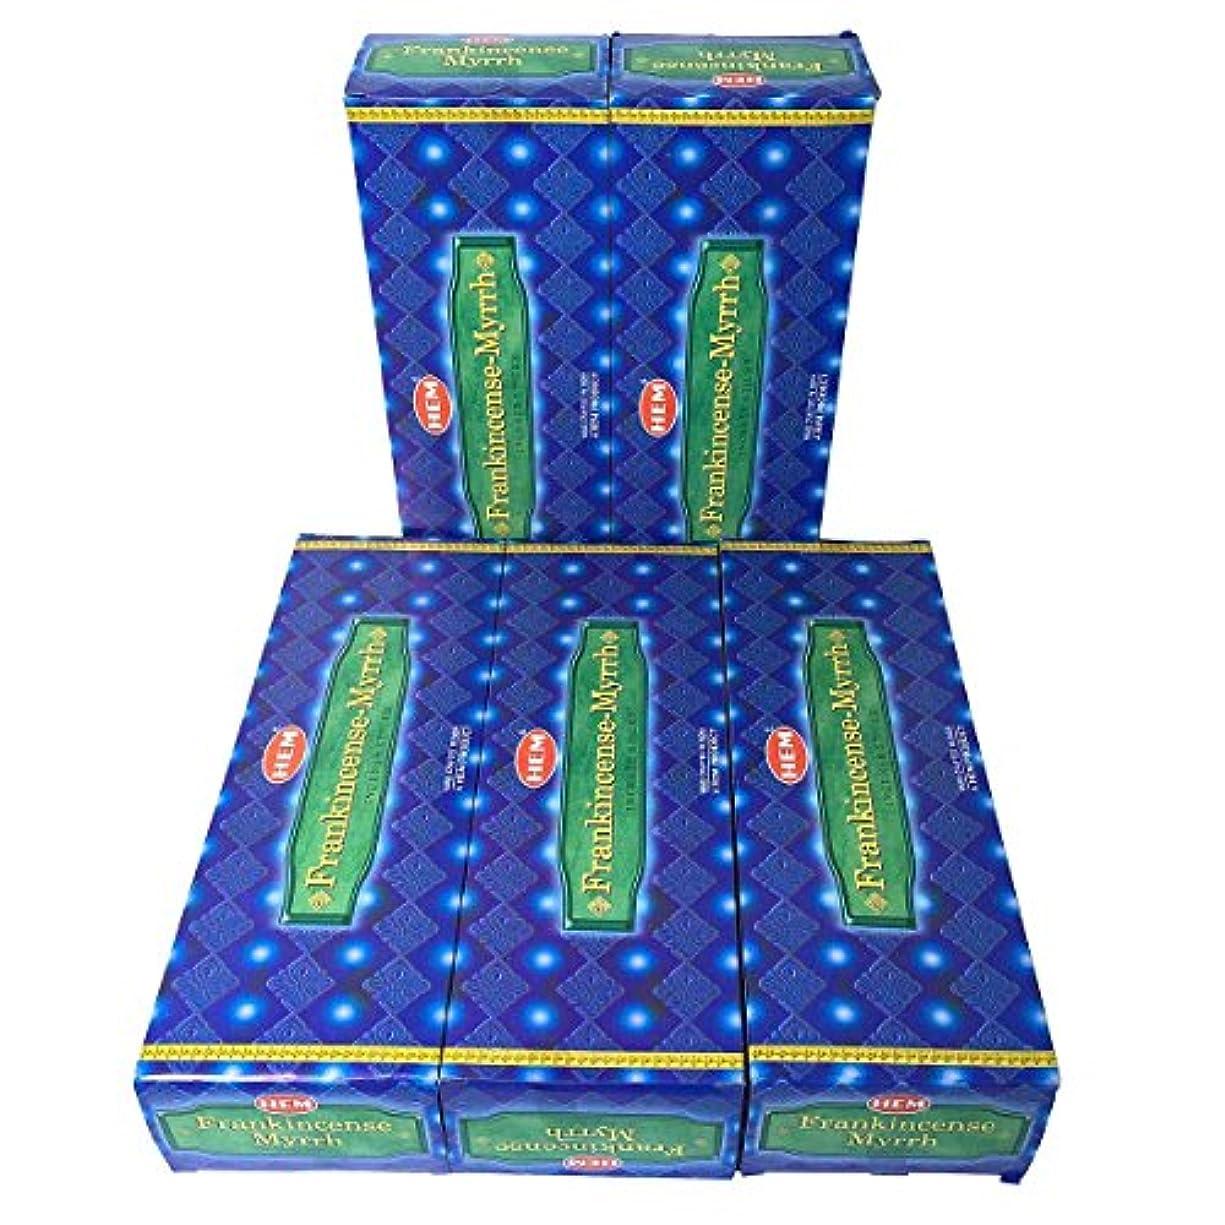 概要貯水池シプリーHEM フランキンセンス-ミルラ香 スティック 5BOX(30箱)/HEM FRANKINCENSE MYRRH/ インド香 / 送料無料 [並行輸入品]